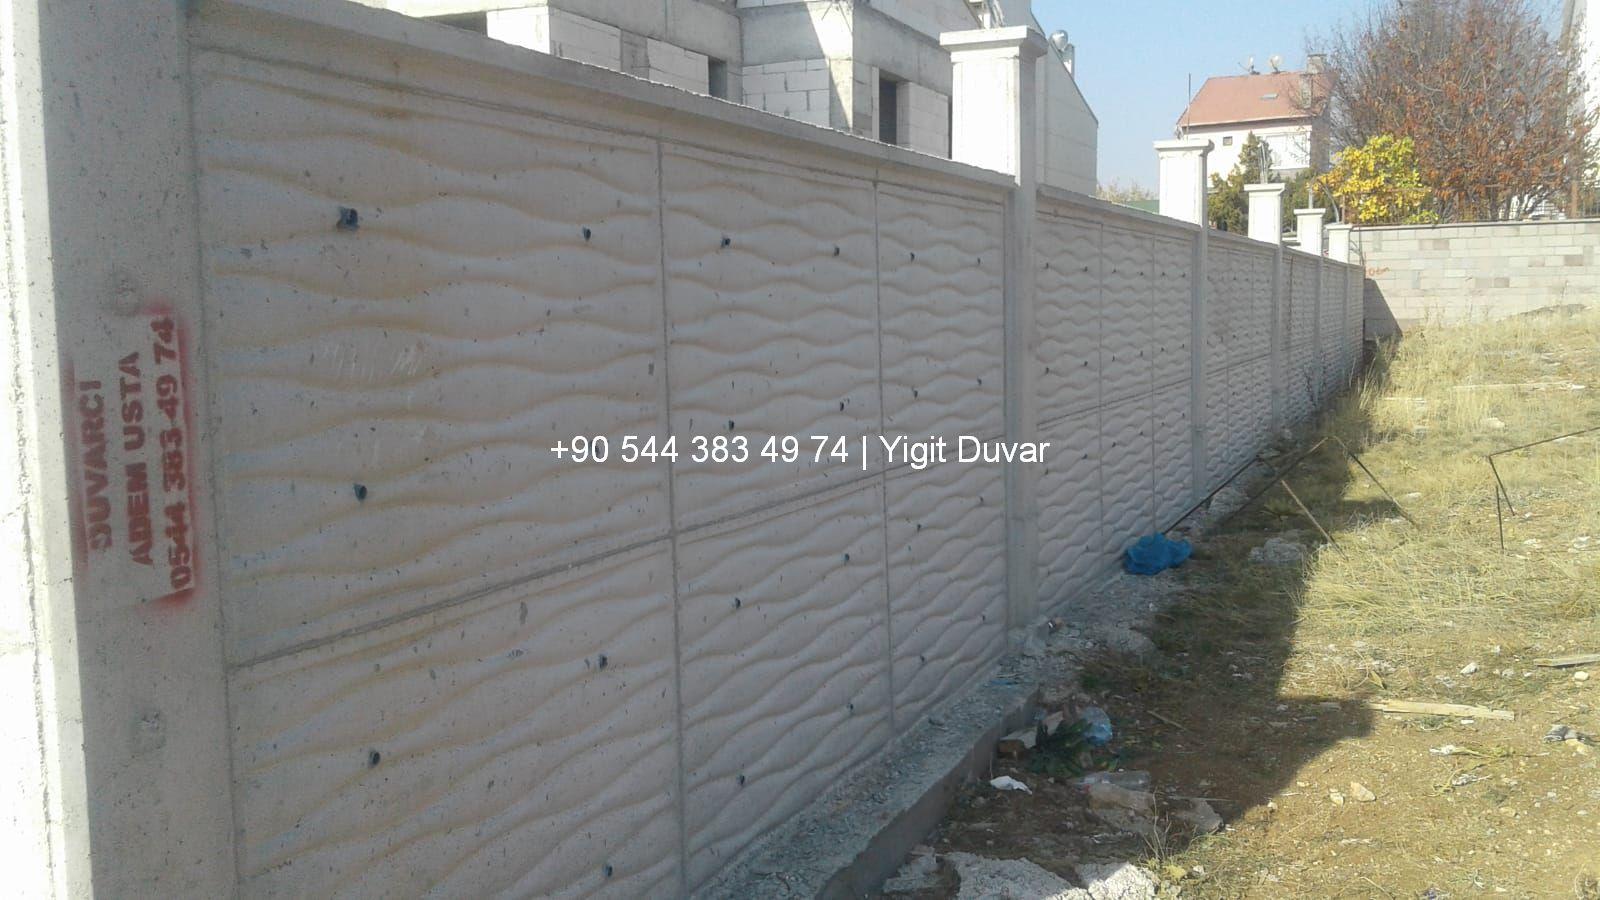 duvar-ustasi-yigit-duvar089